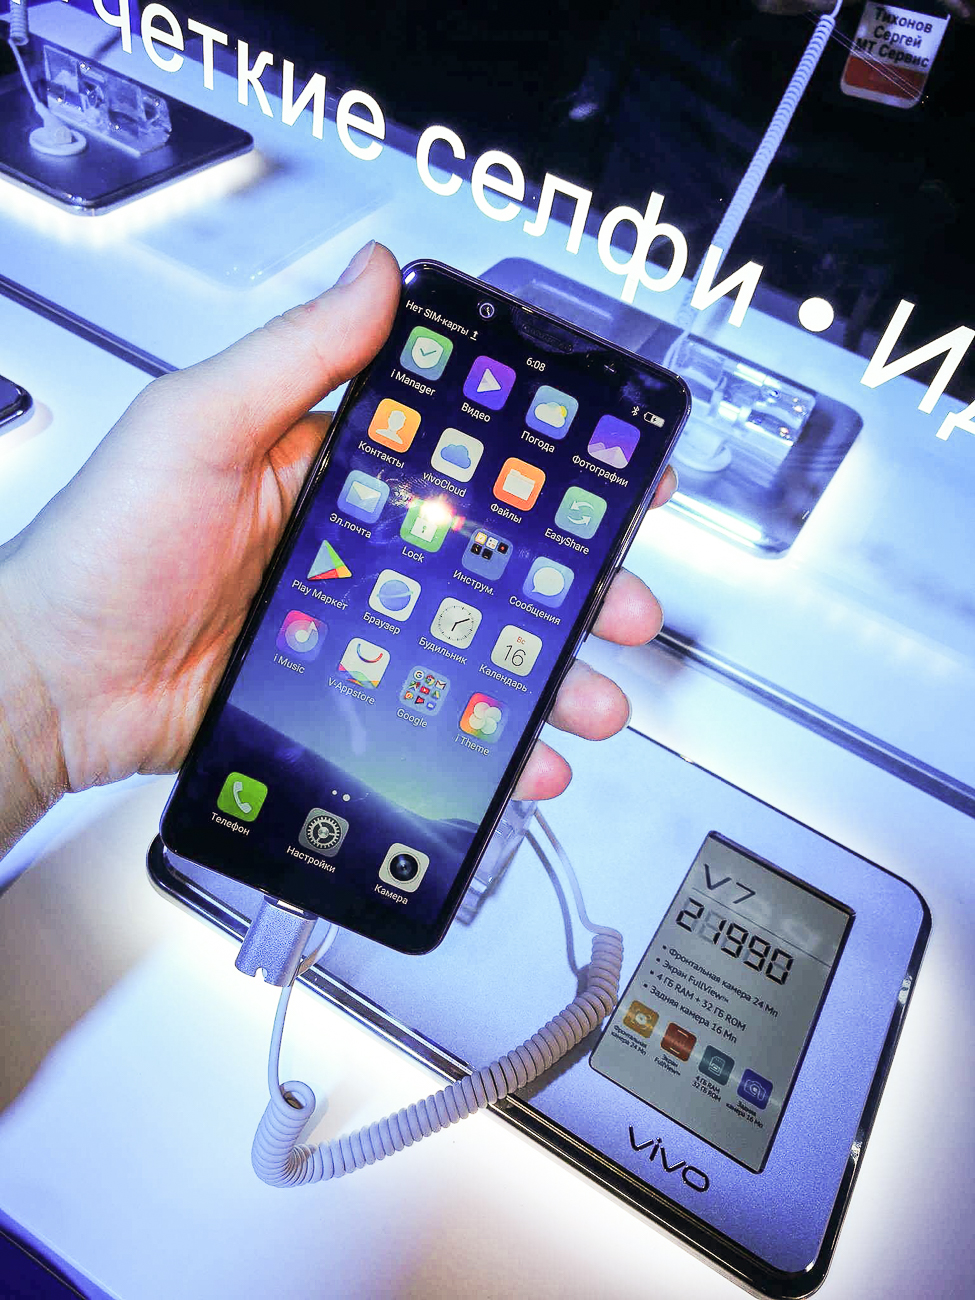 Вероятно многие пользователи помнят легендарный телефон серии Nokia 3250 имеющий подвижную нижнюю часть На такой девайс будет похож новый смартфон компании Vivo